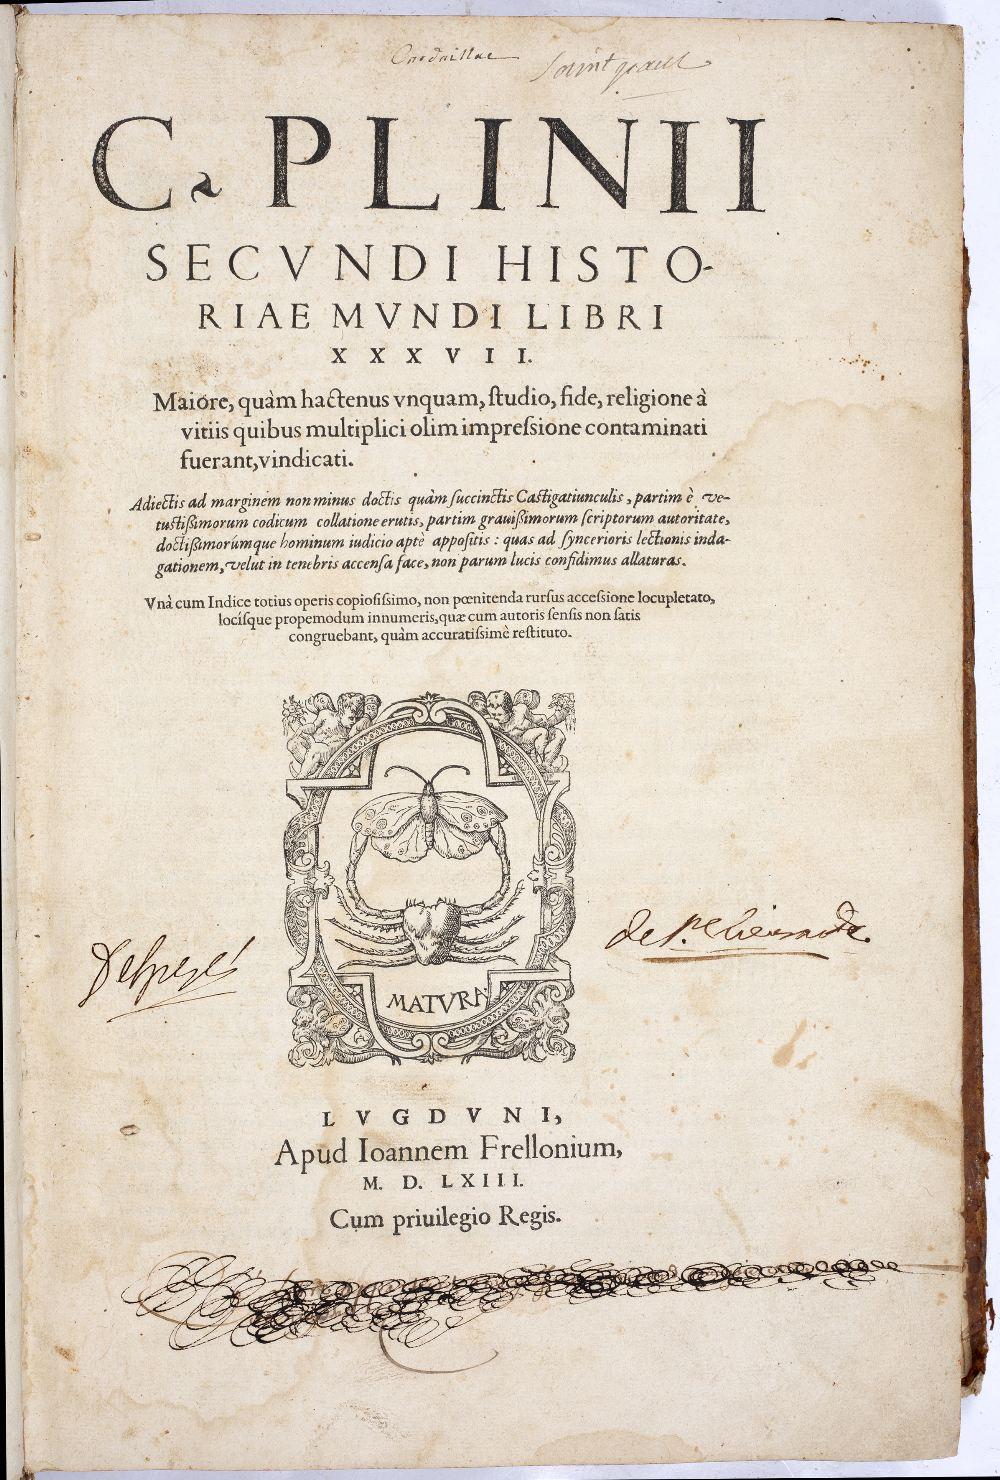 PLINY THE ELDER, Gaius Plinius Secundus, Historiae Mundi. Thirty seven books in one volume. 679pp.